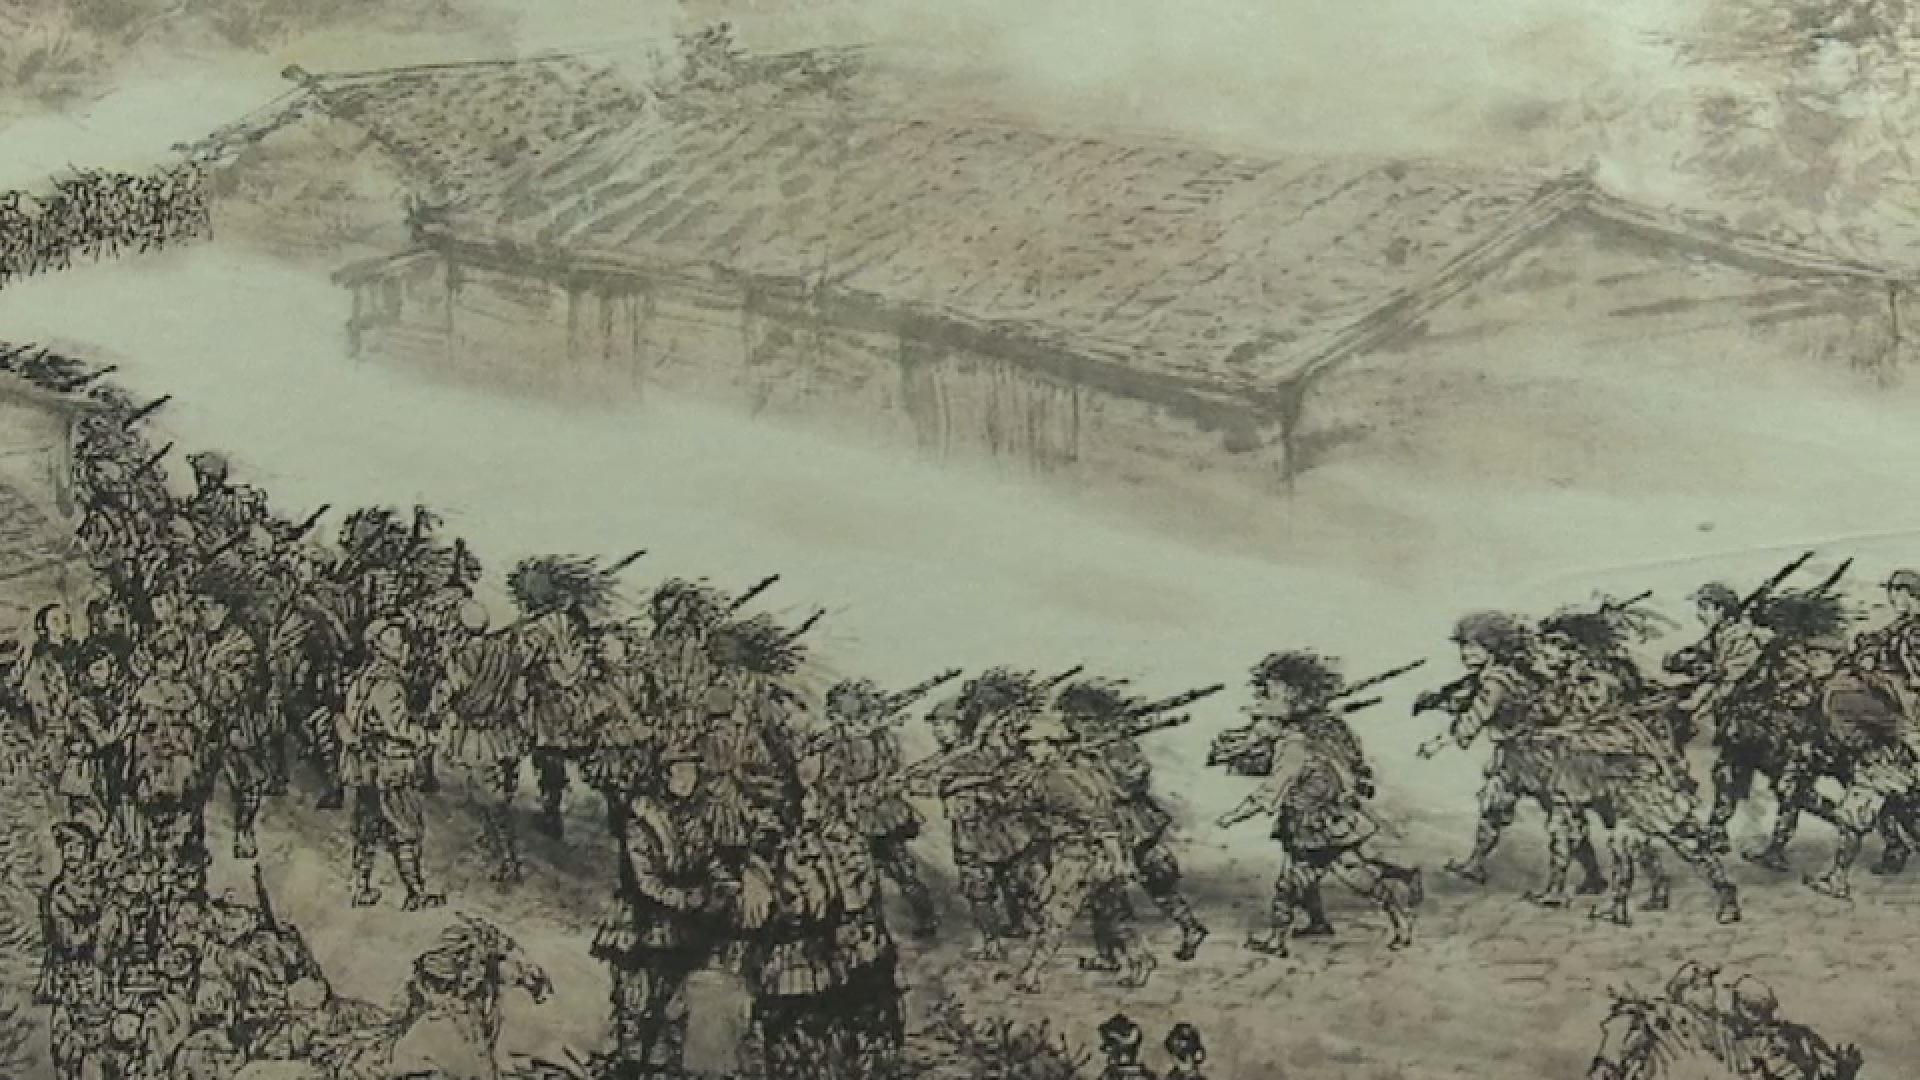 红军长征第一村......图片 45302 600x337